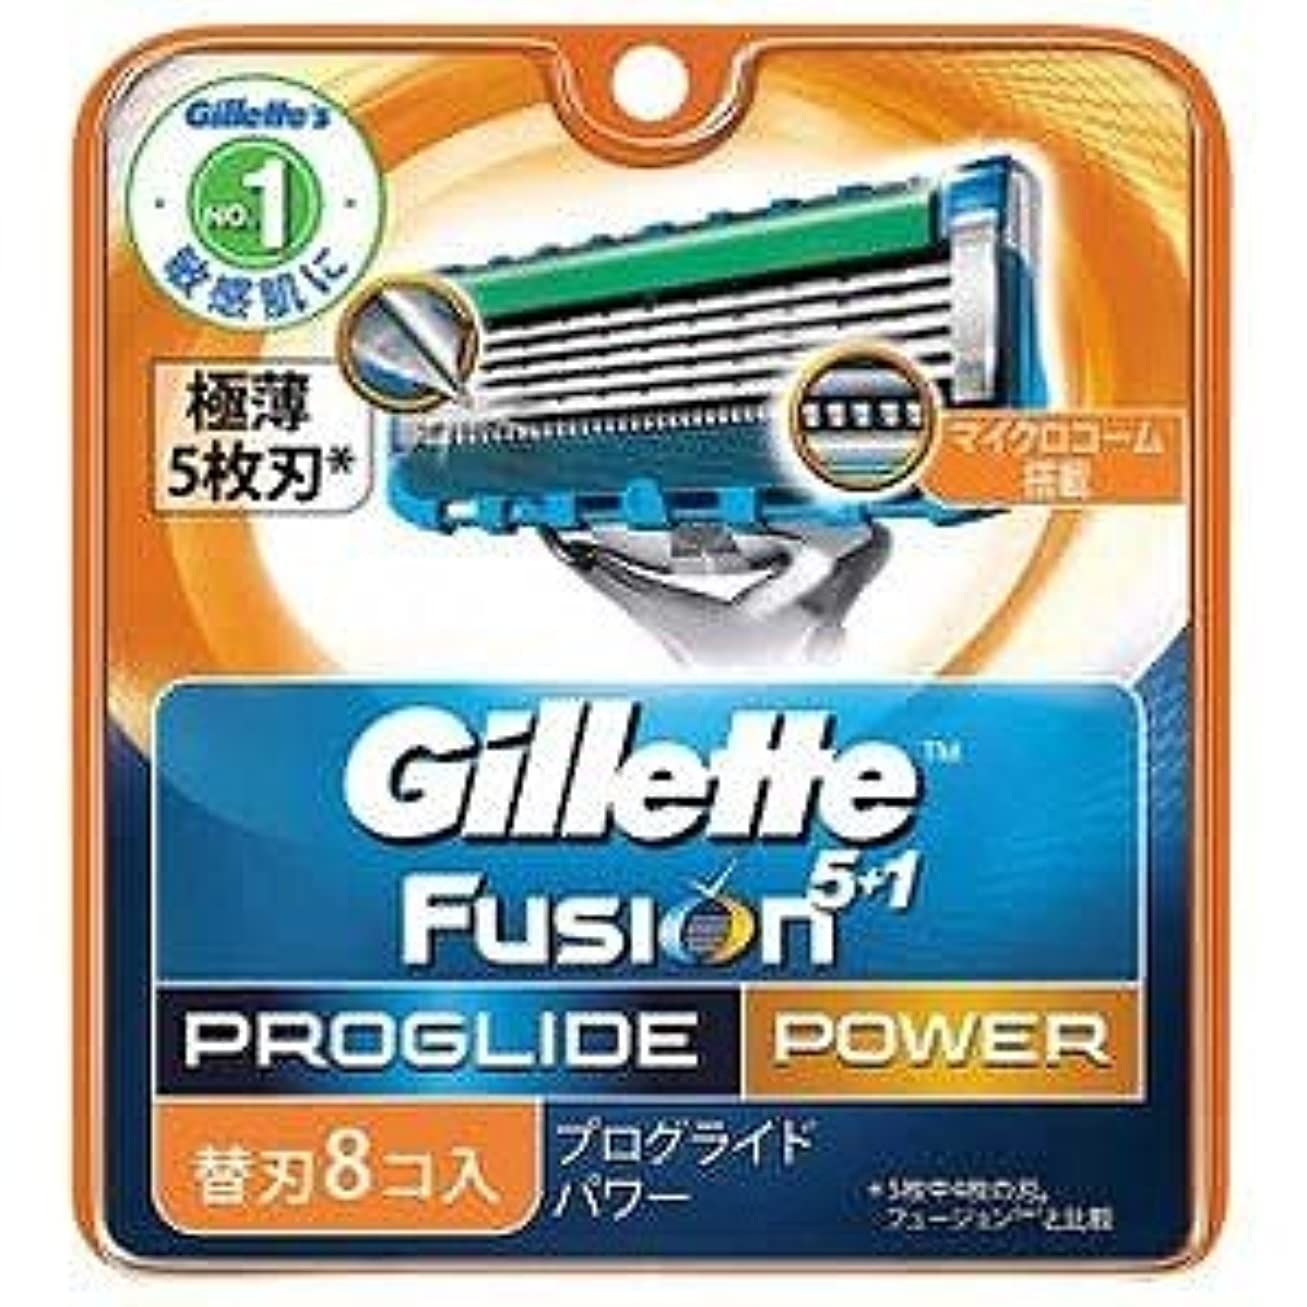 身元落ち込んでいる試用ジレット プログライドパワー替刃 8B × 40個セット